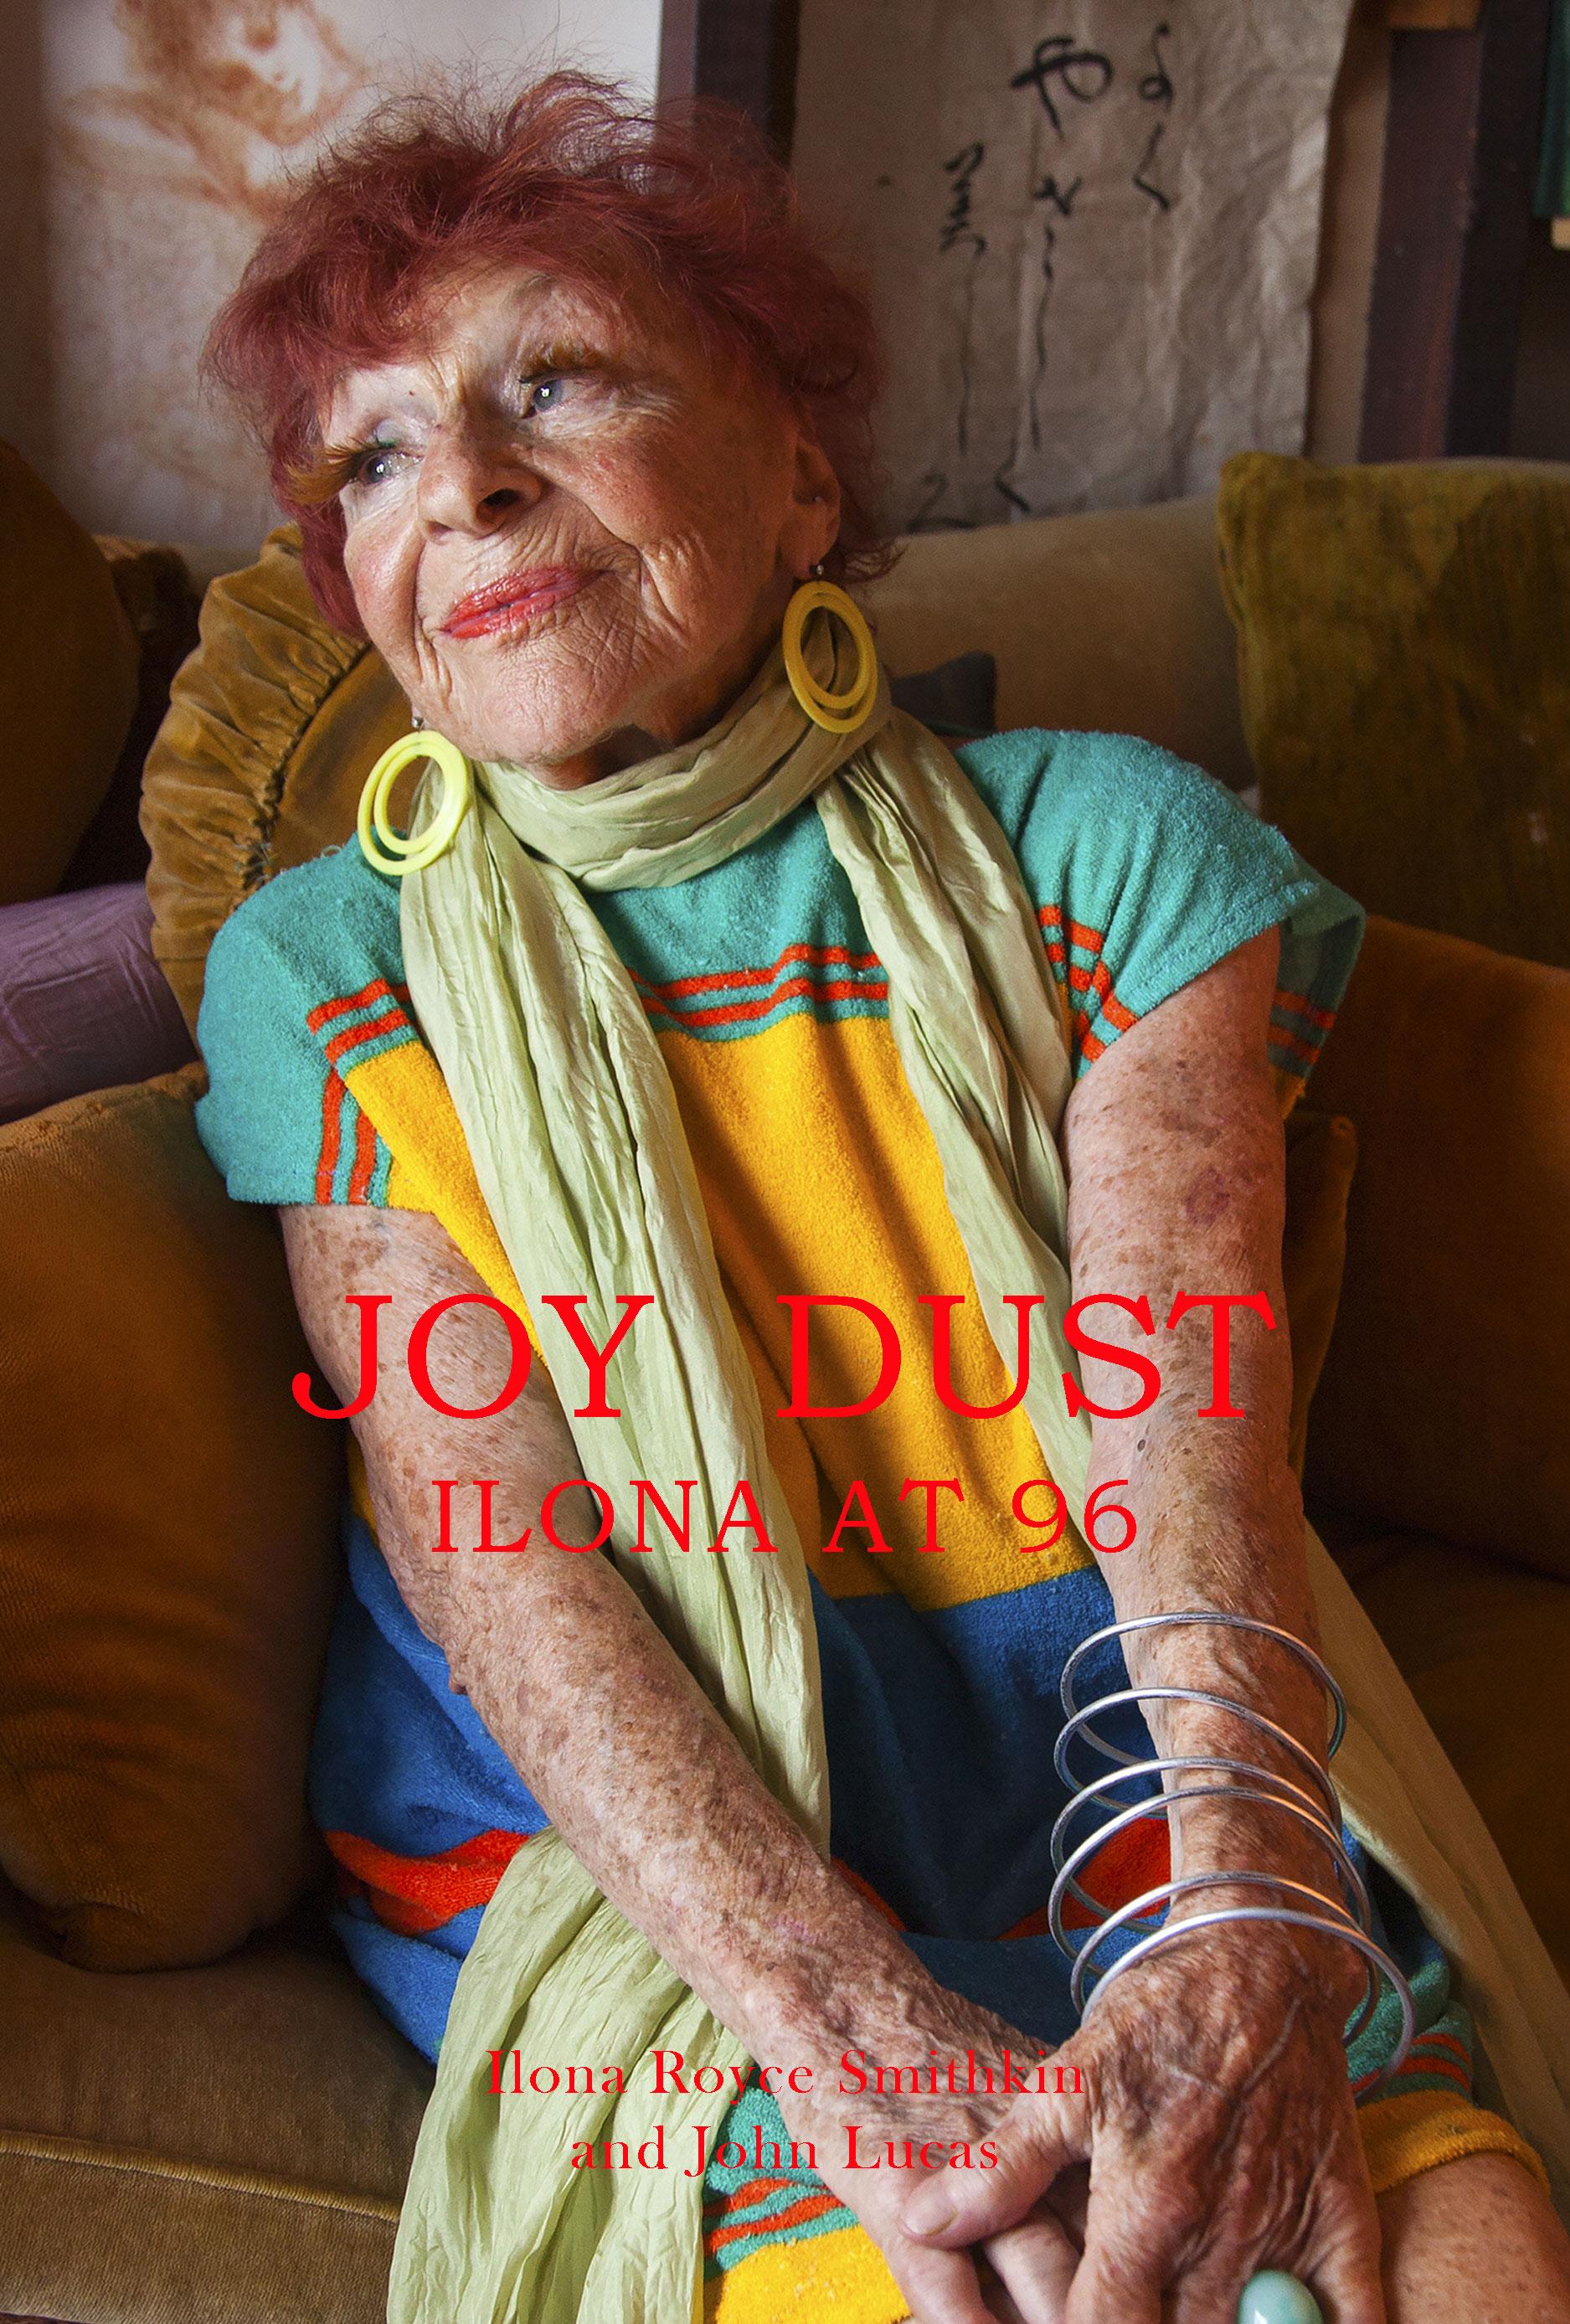 Ilona at 96 book cover